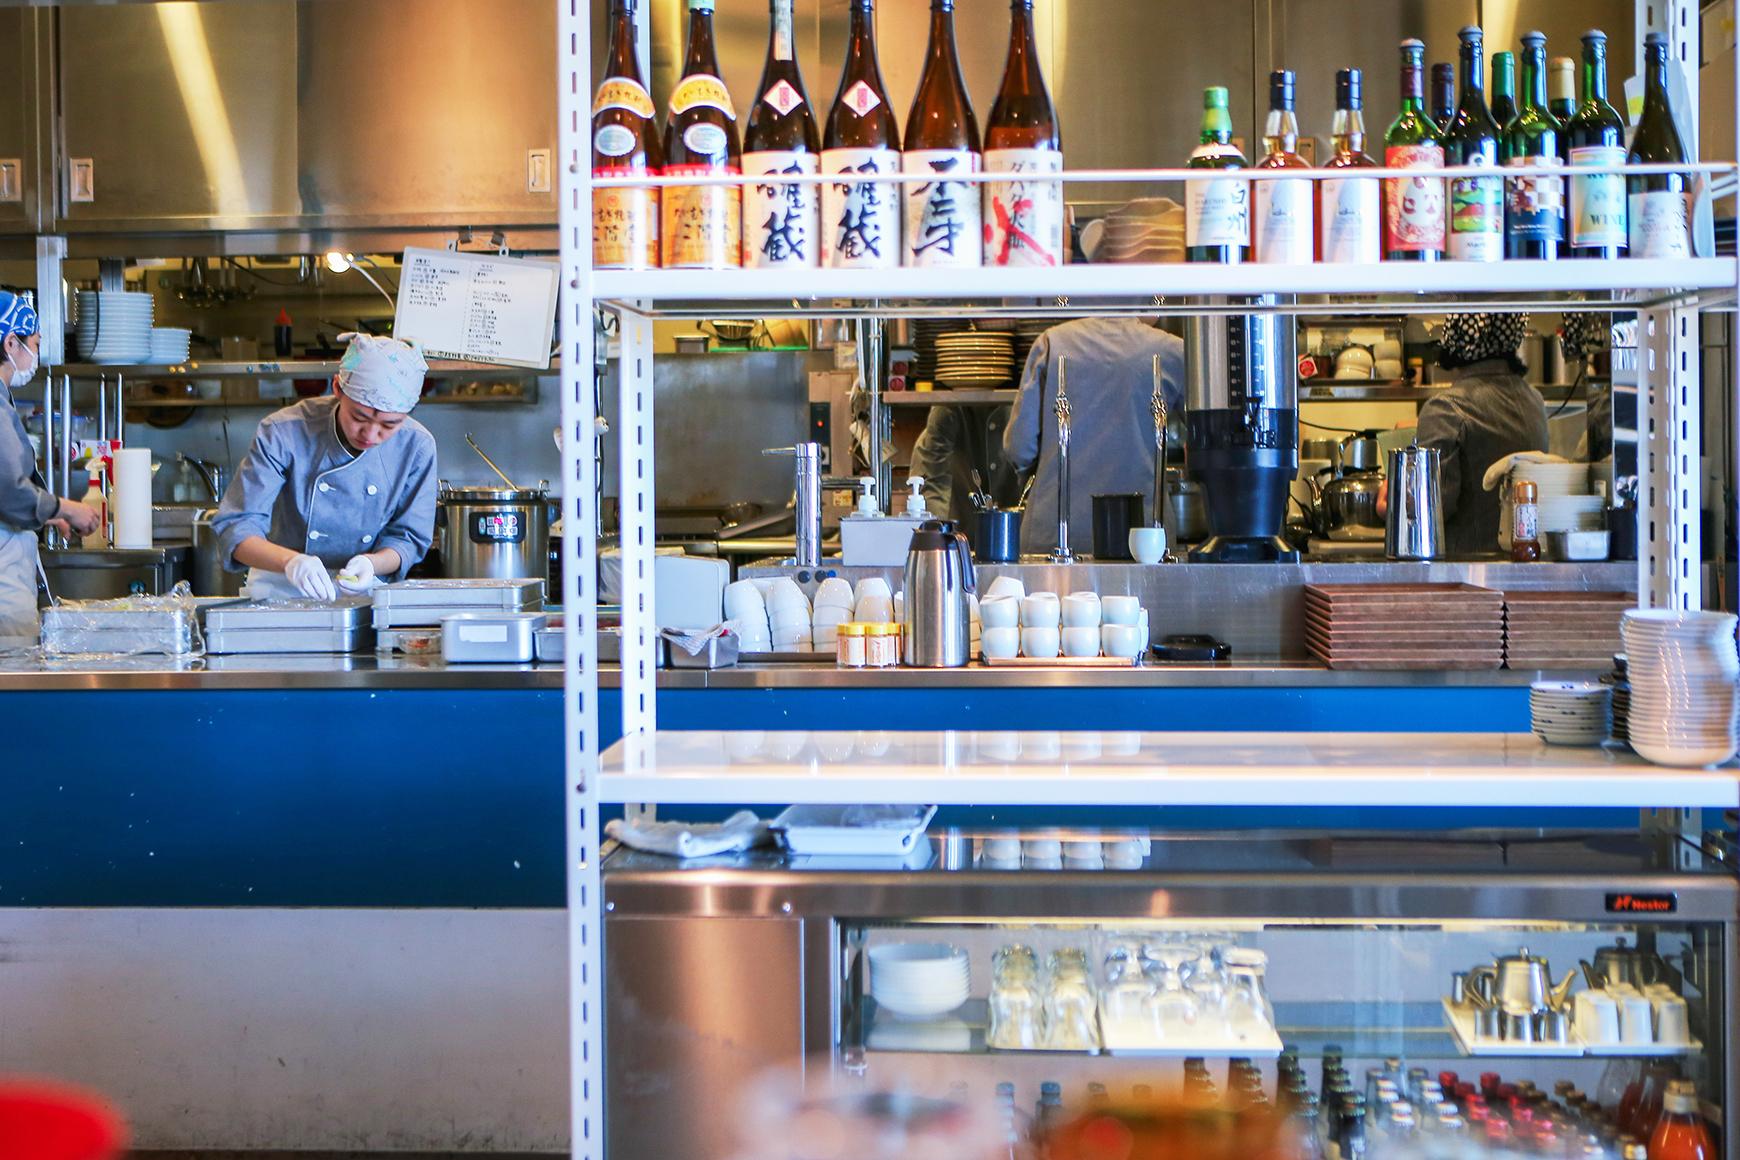 渋谷Hikarie的d47食堂,搭配展覽空間不定期推出限定地方定食料理,廚房除了需具備來自各地的新鮮食材外,也必須熟悉料理製作的步驟。